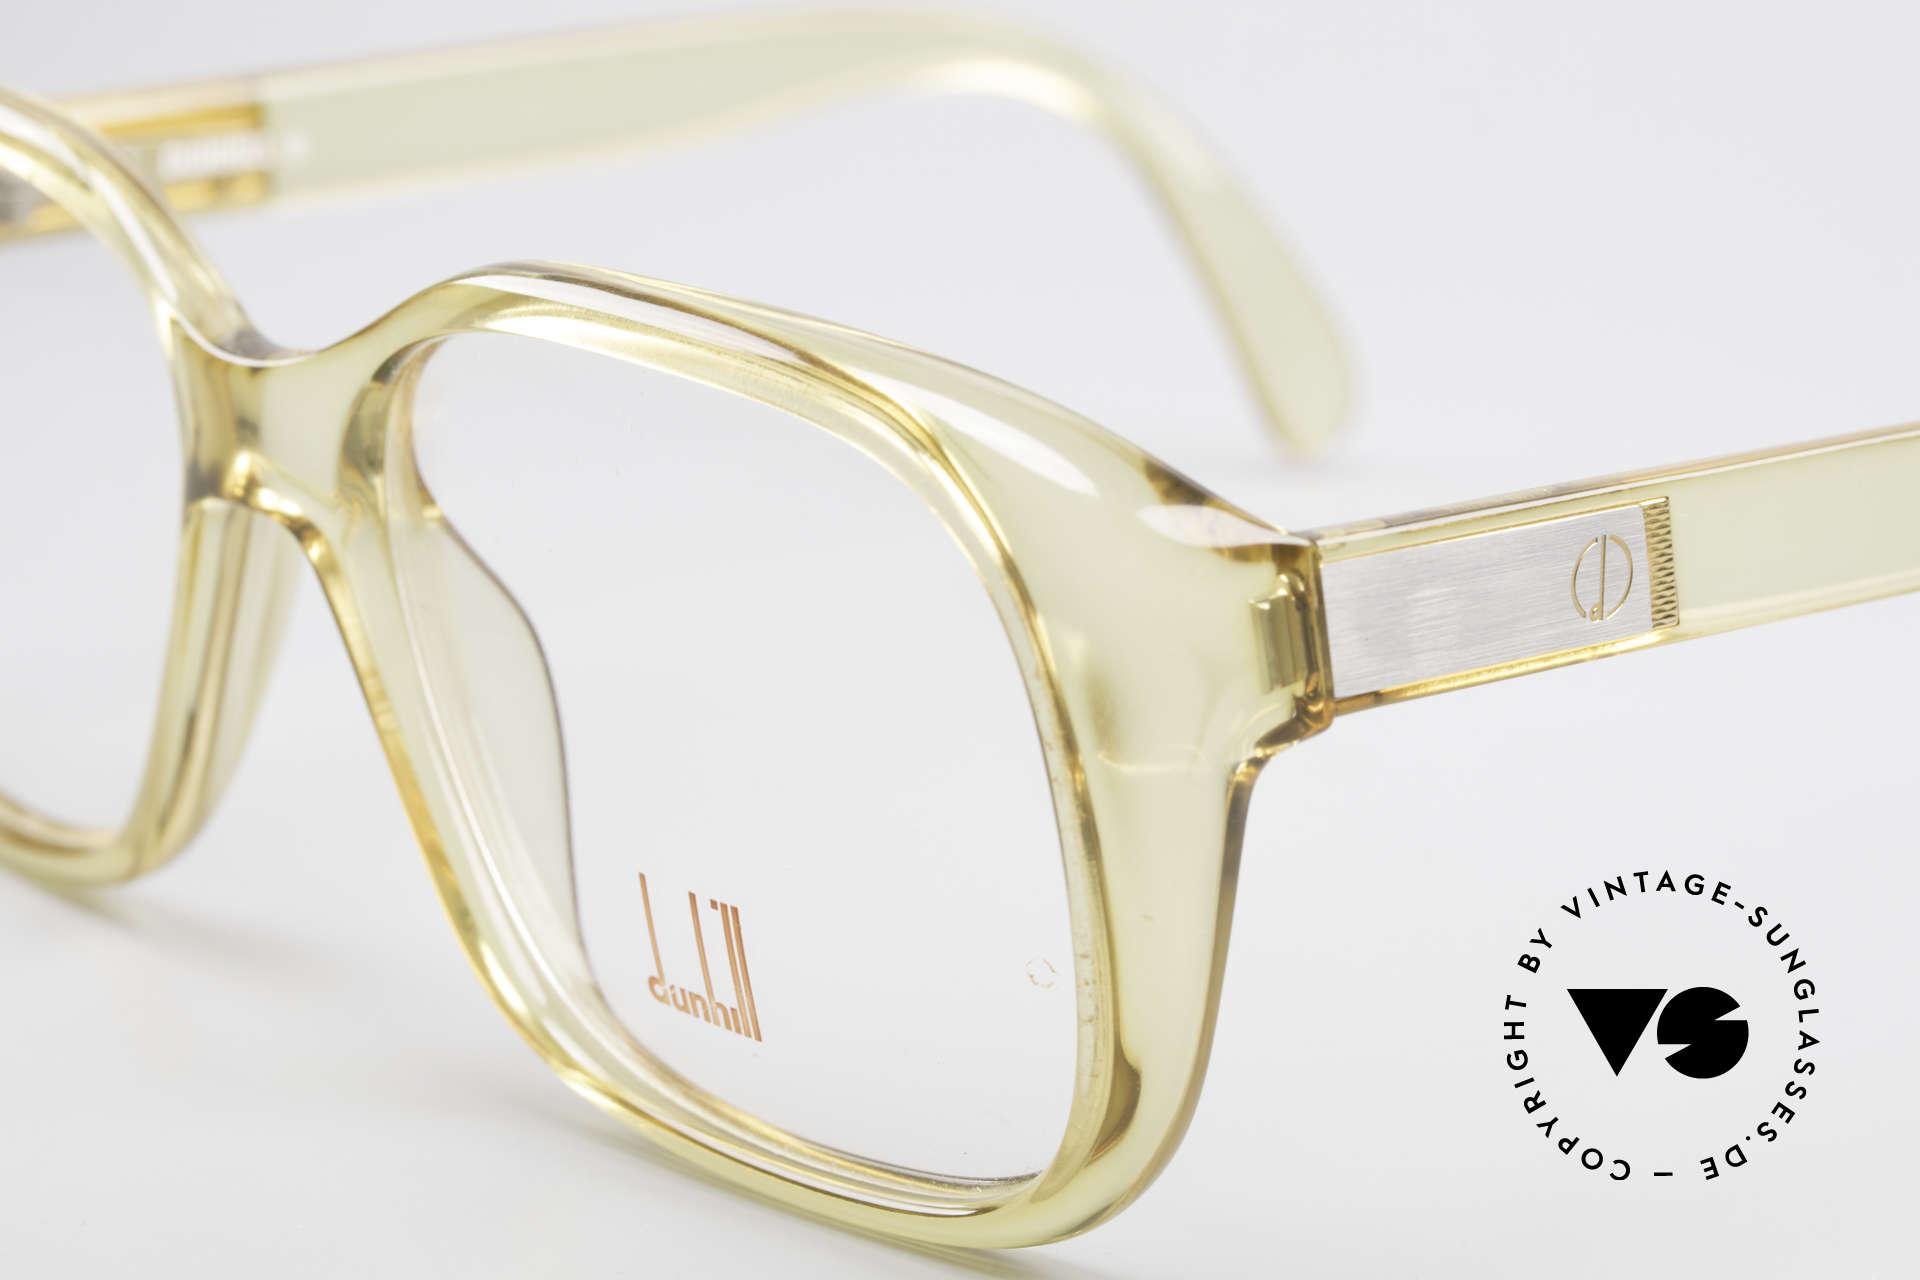 Dunhill 6013 80er Old School Goliath Brille, Top-Qualität und höhster Tragekomfort (Optyl-Material), Passend für Herren